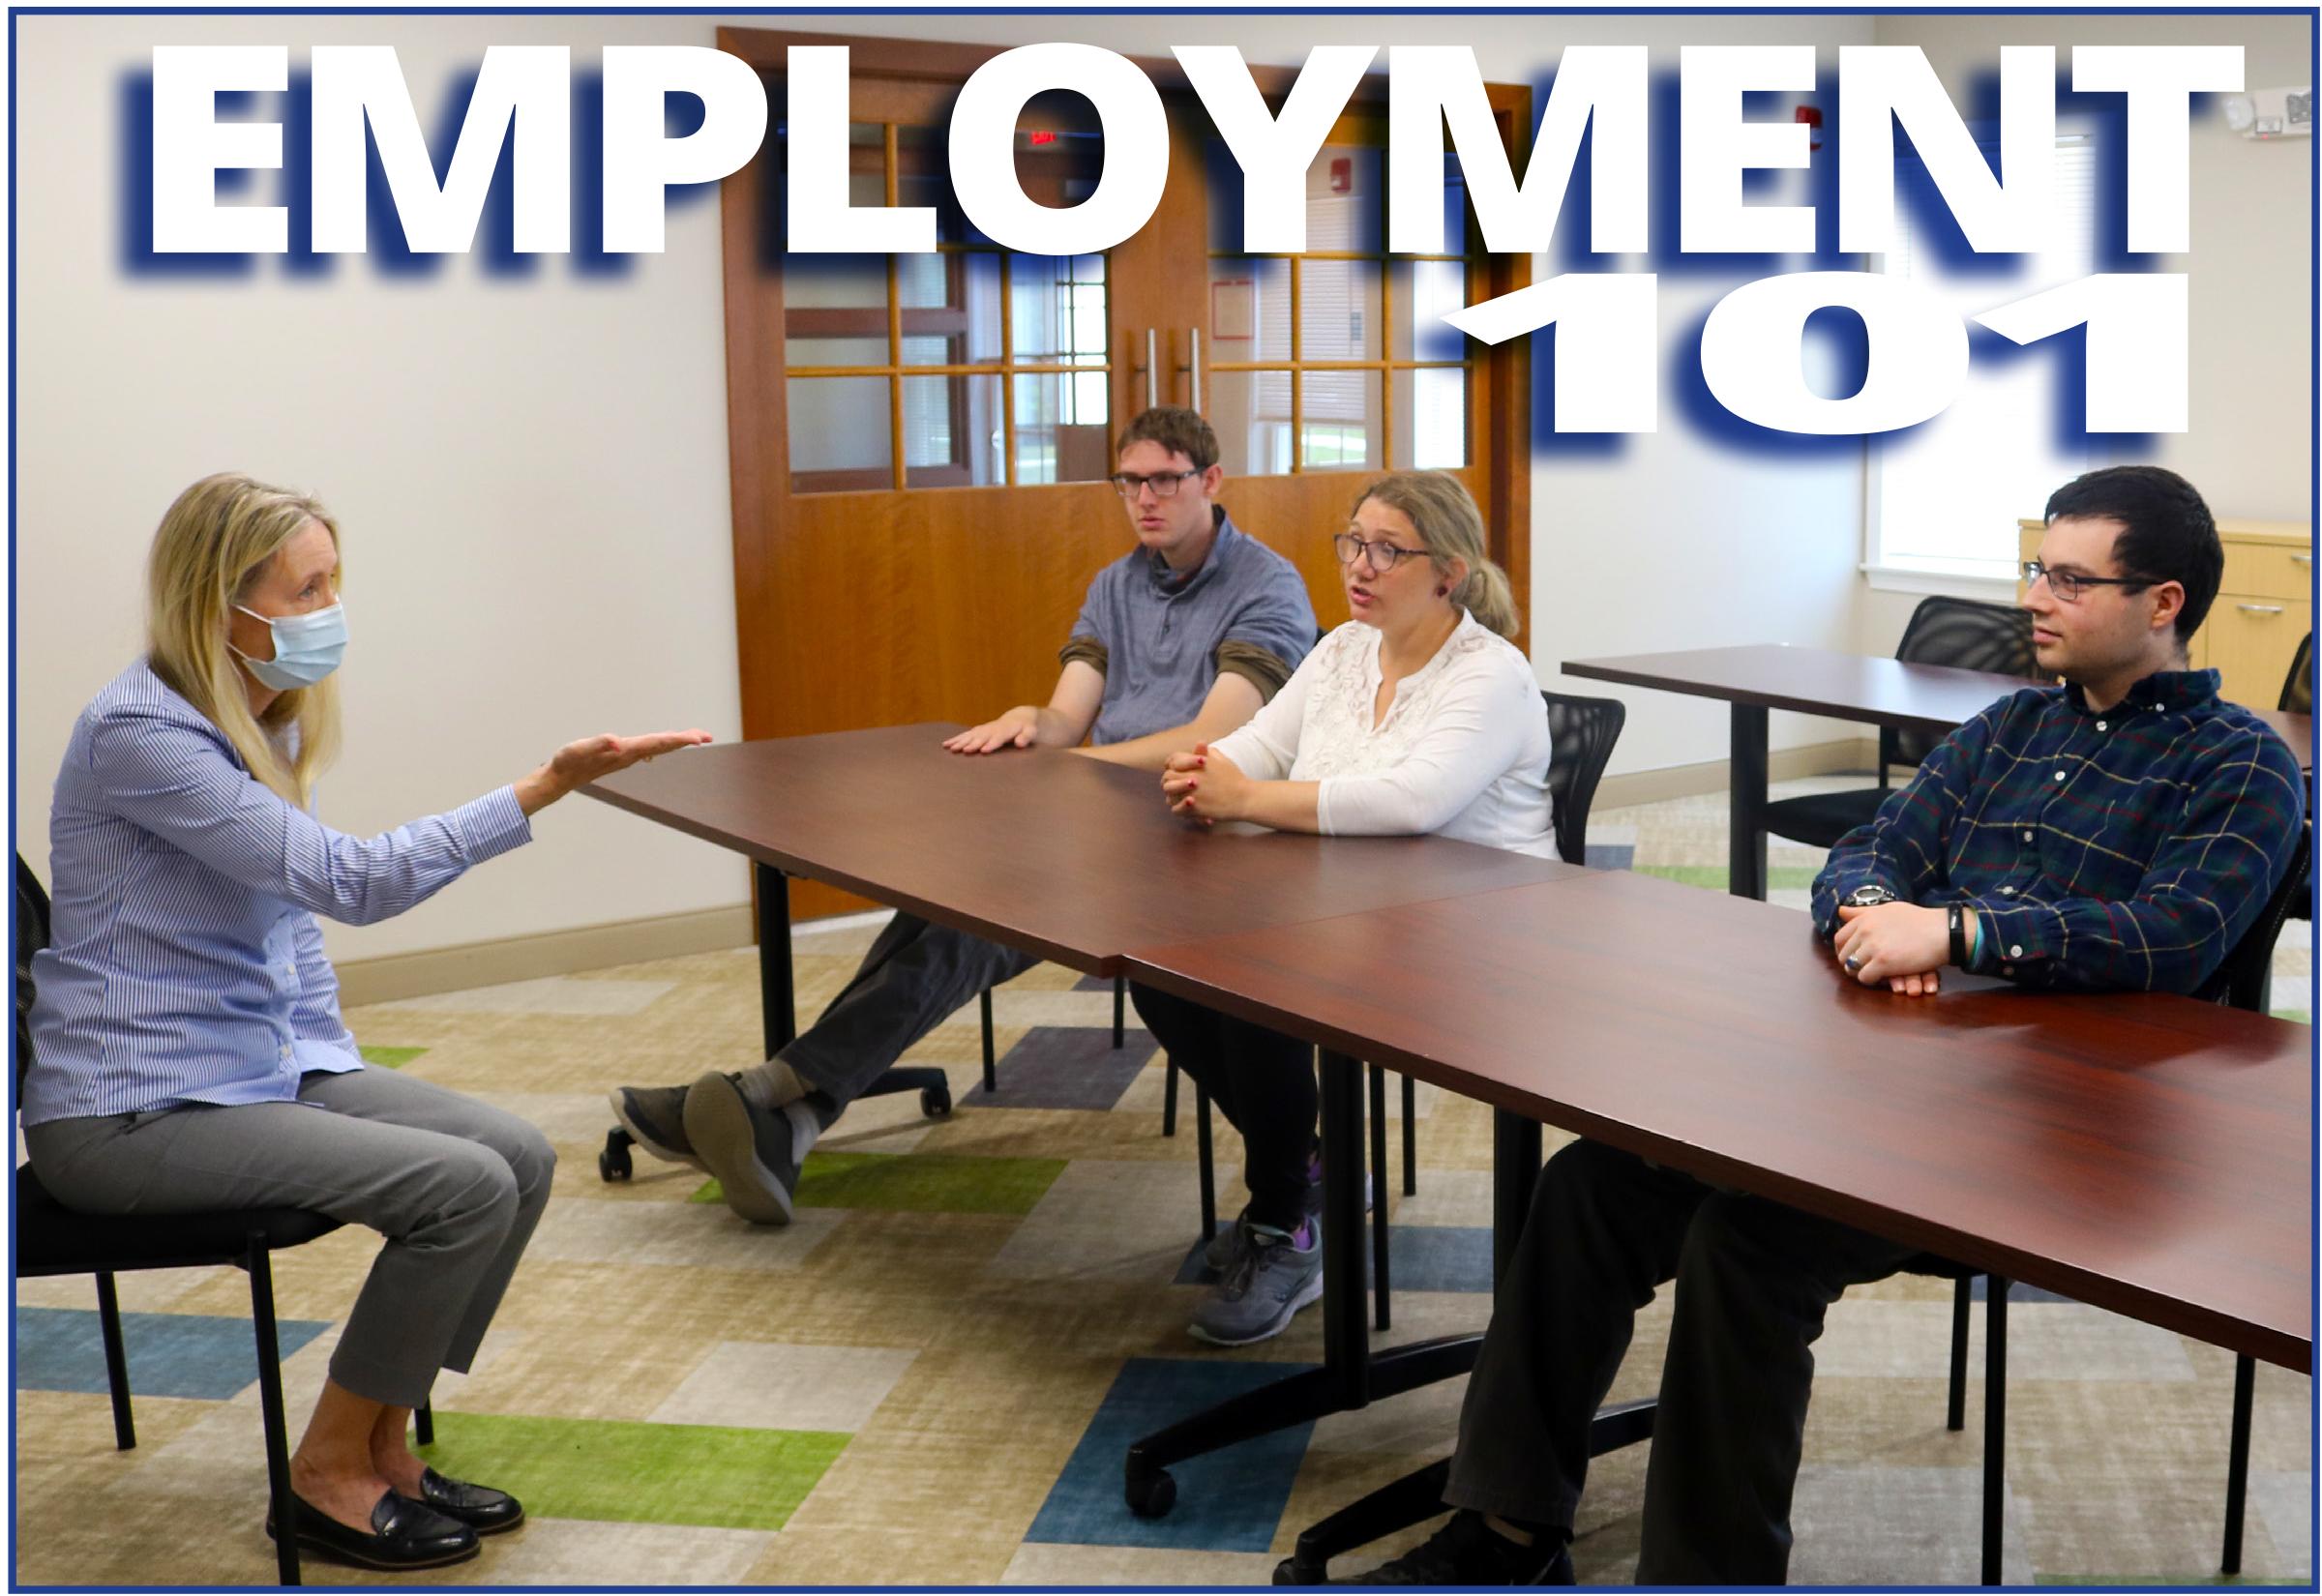 Employment 101